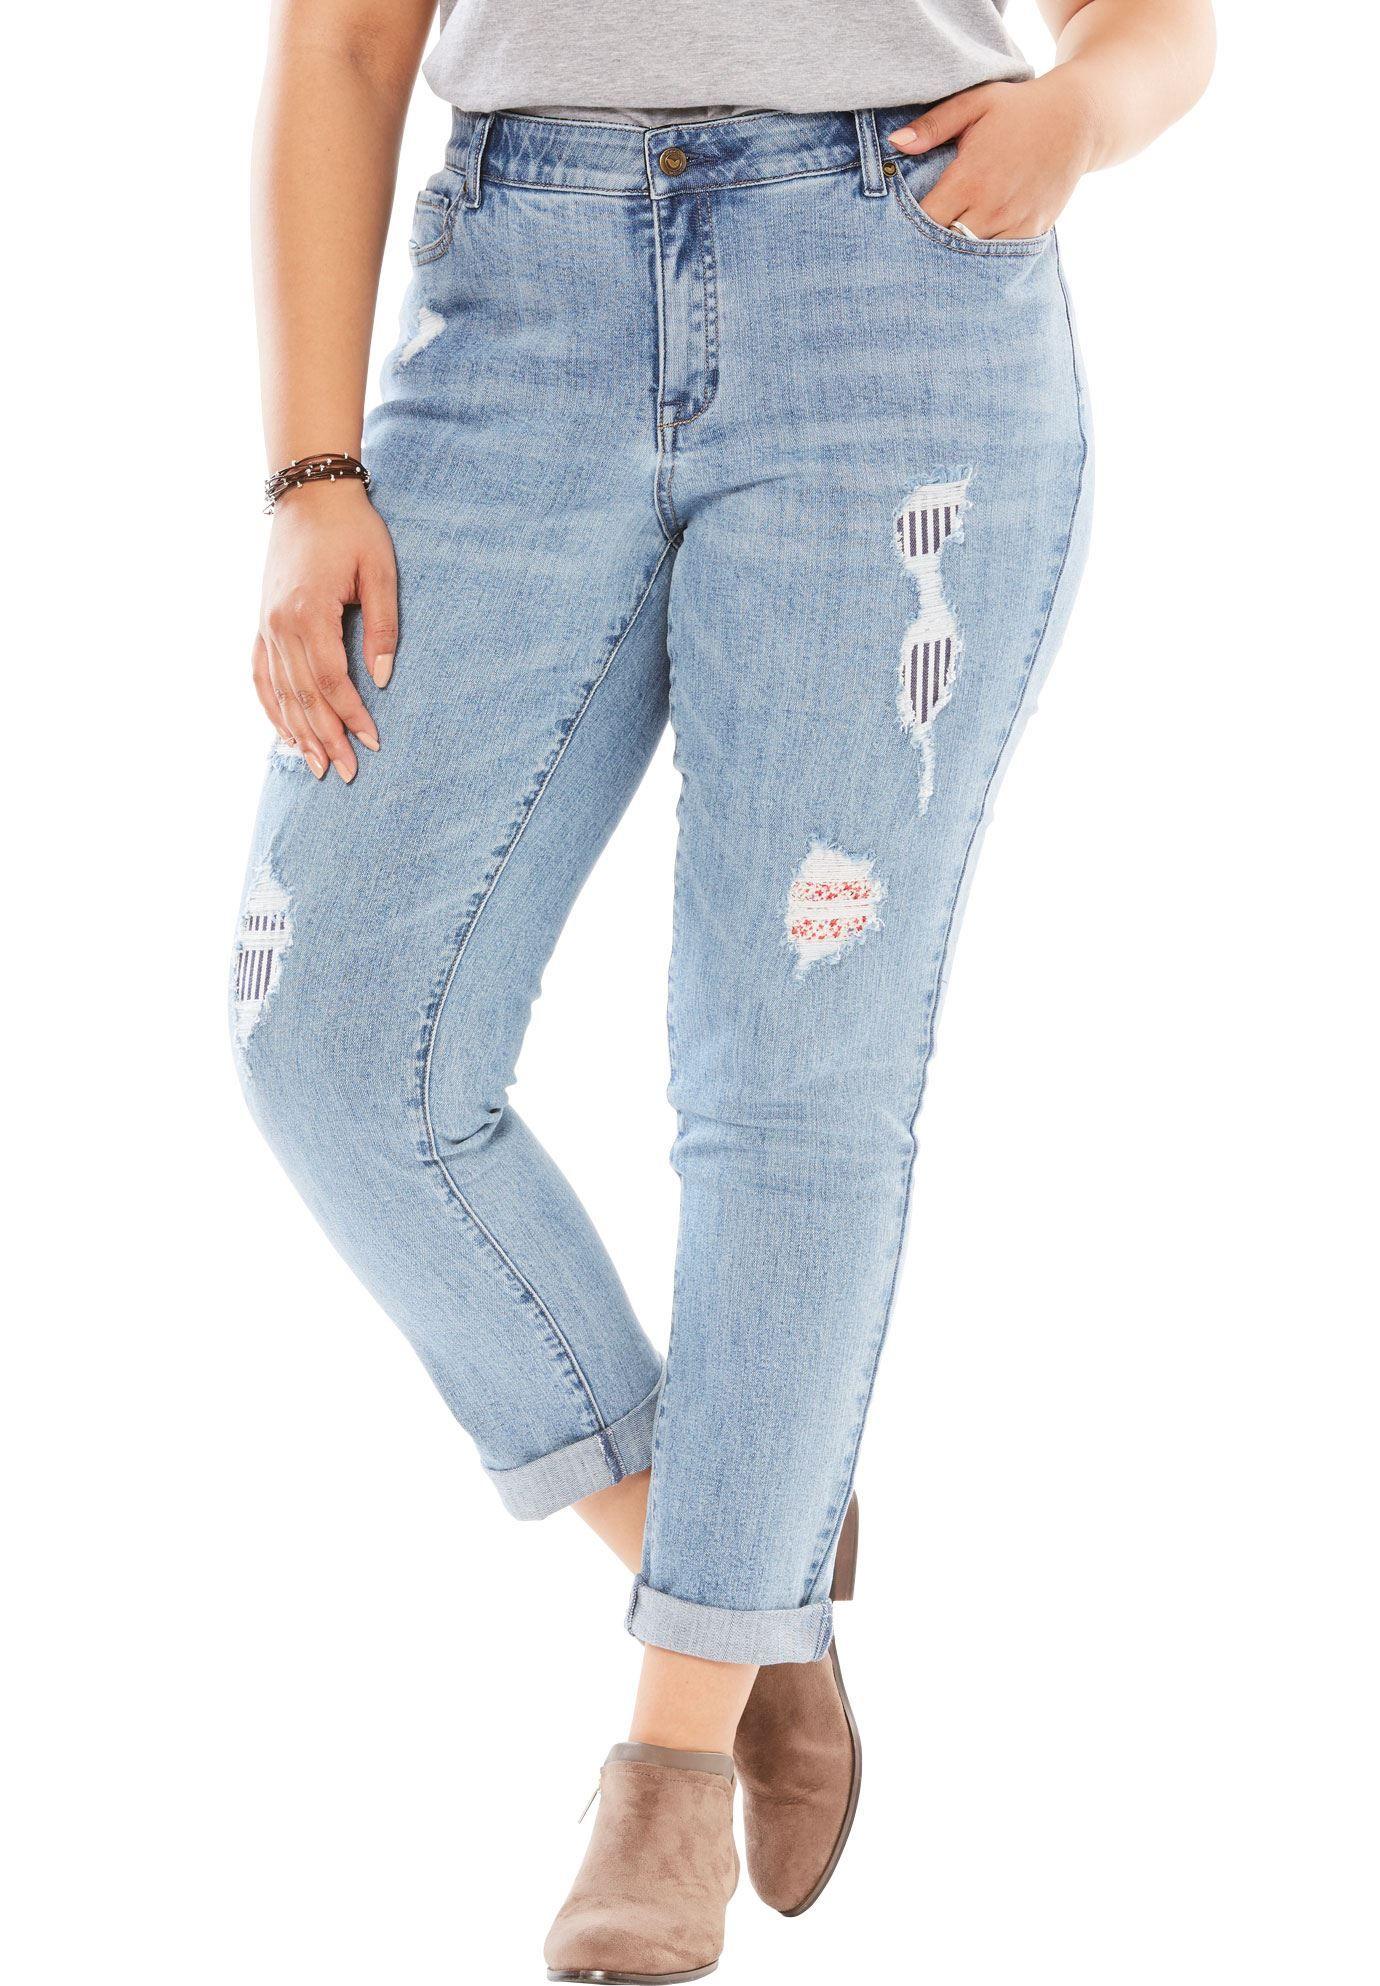 aafcb398807 No Gap Girlfriend Jean - Women s Plus Size Clothing